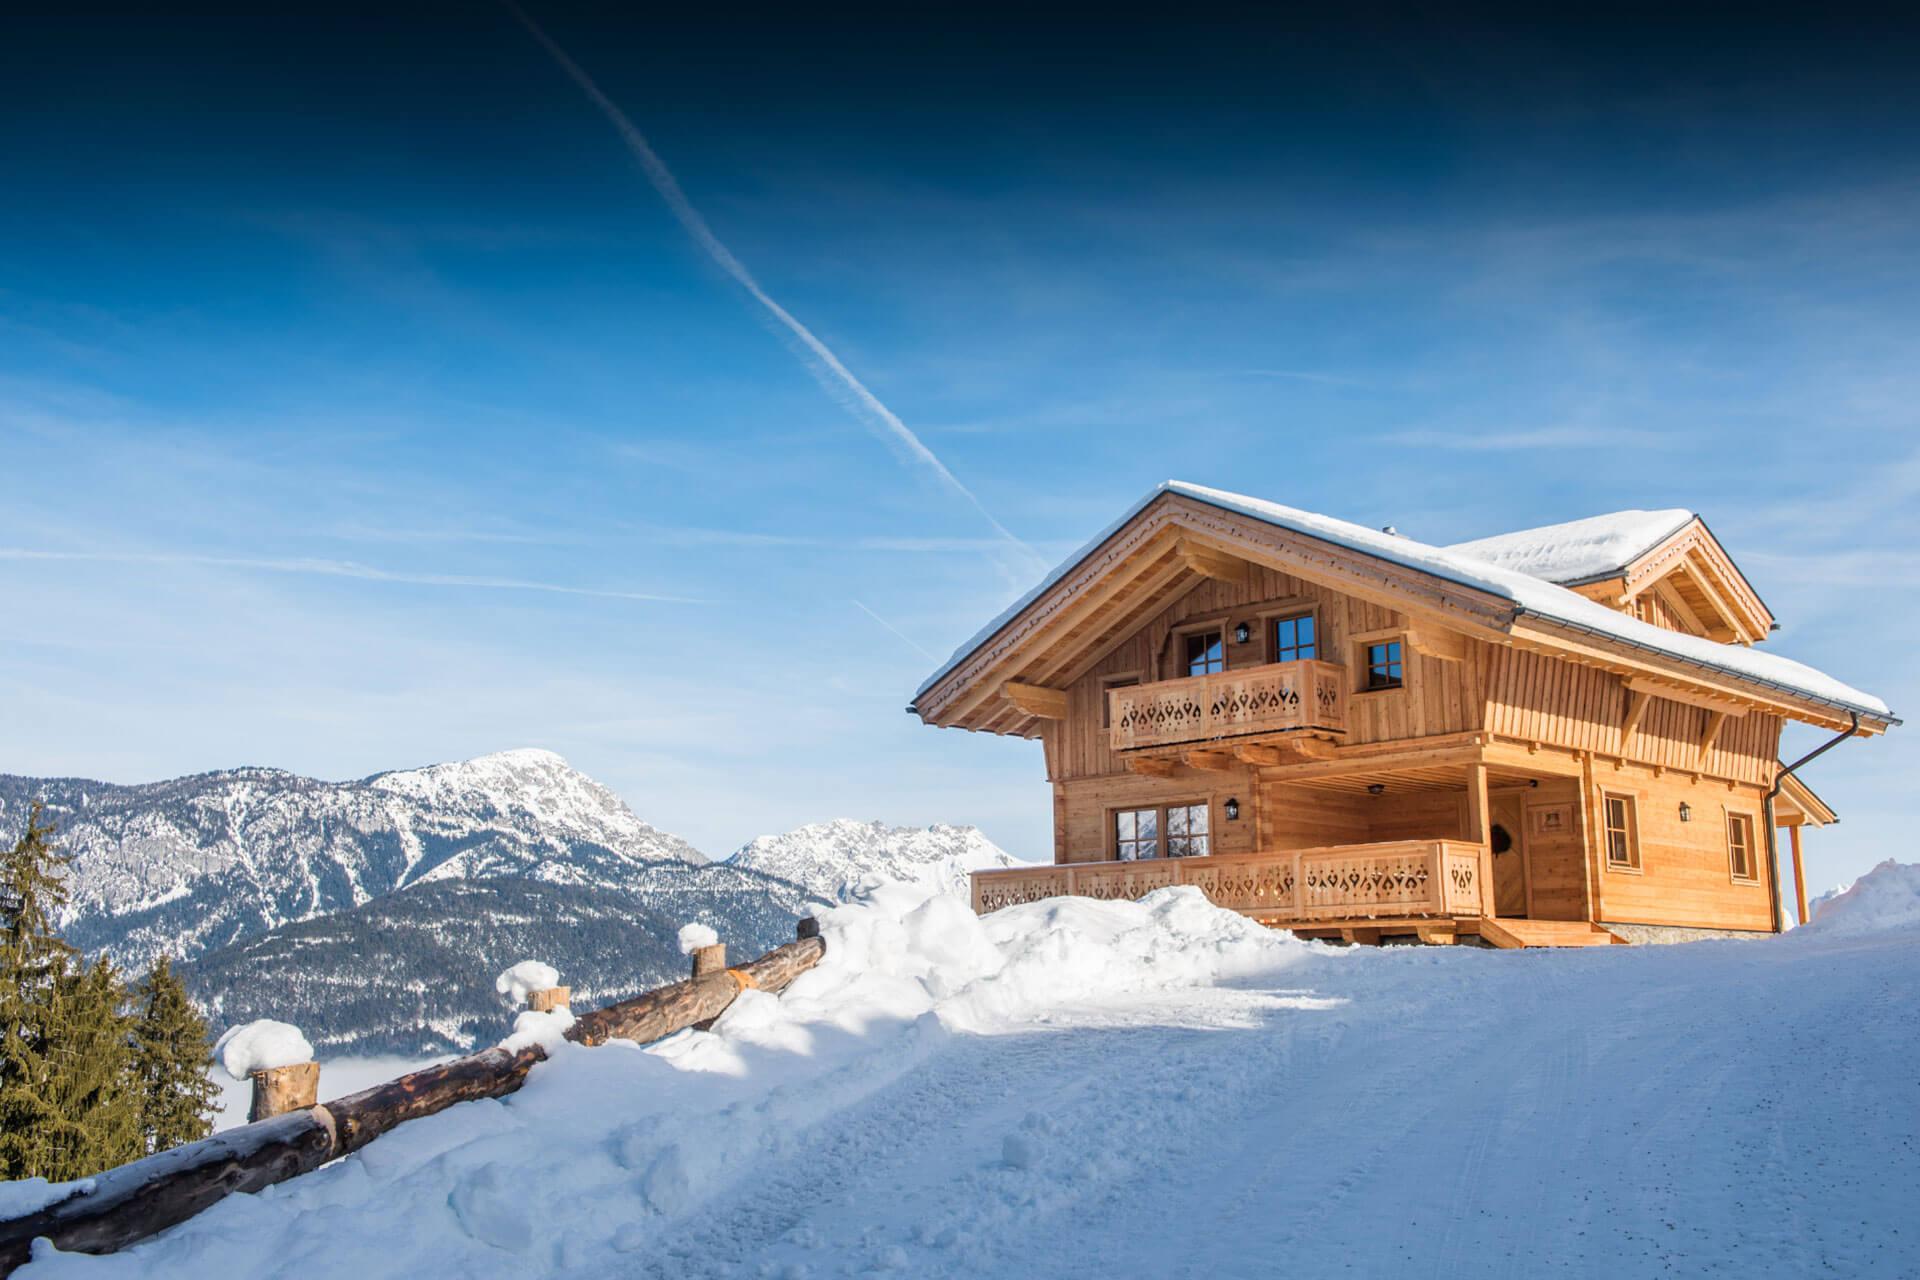 Hütte direkt an der Piste - Skiurlaub in Schladming, Österreich